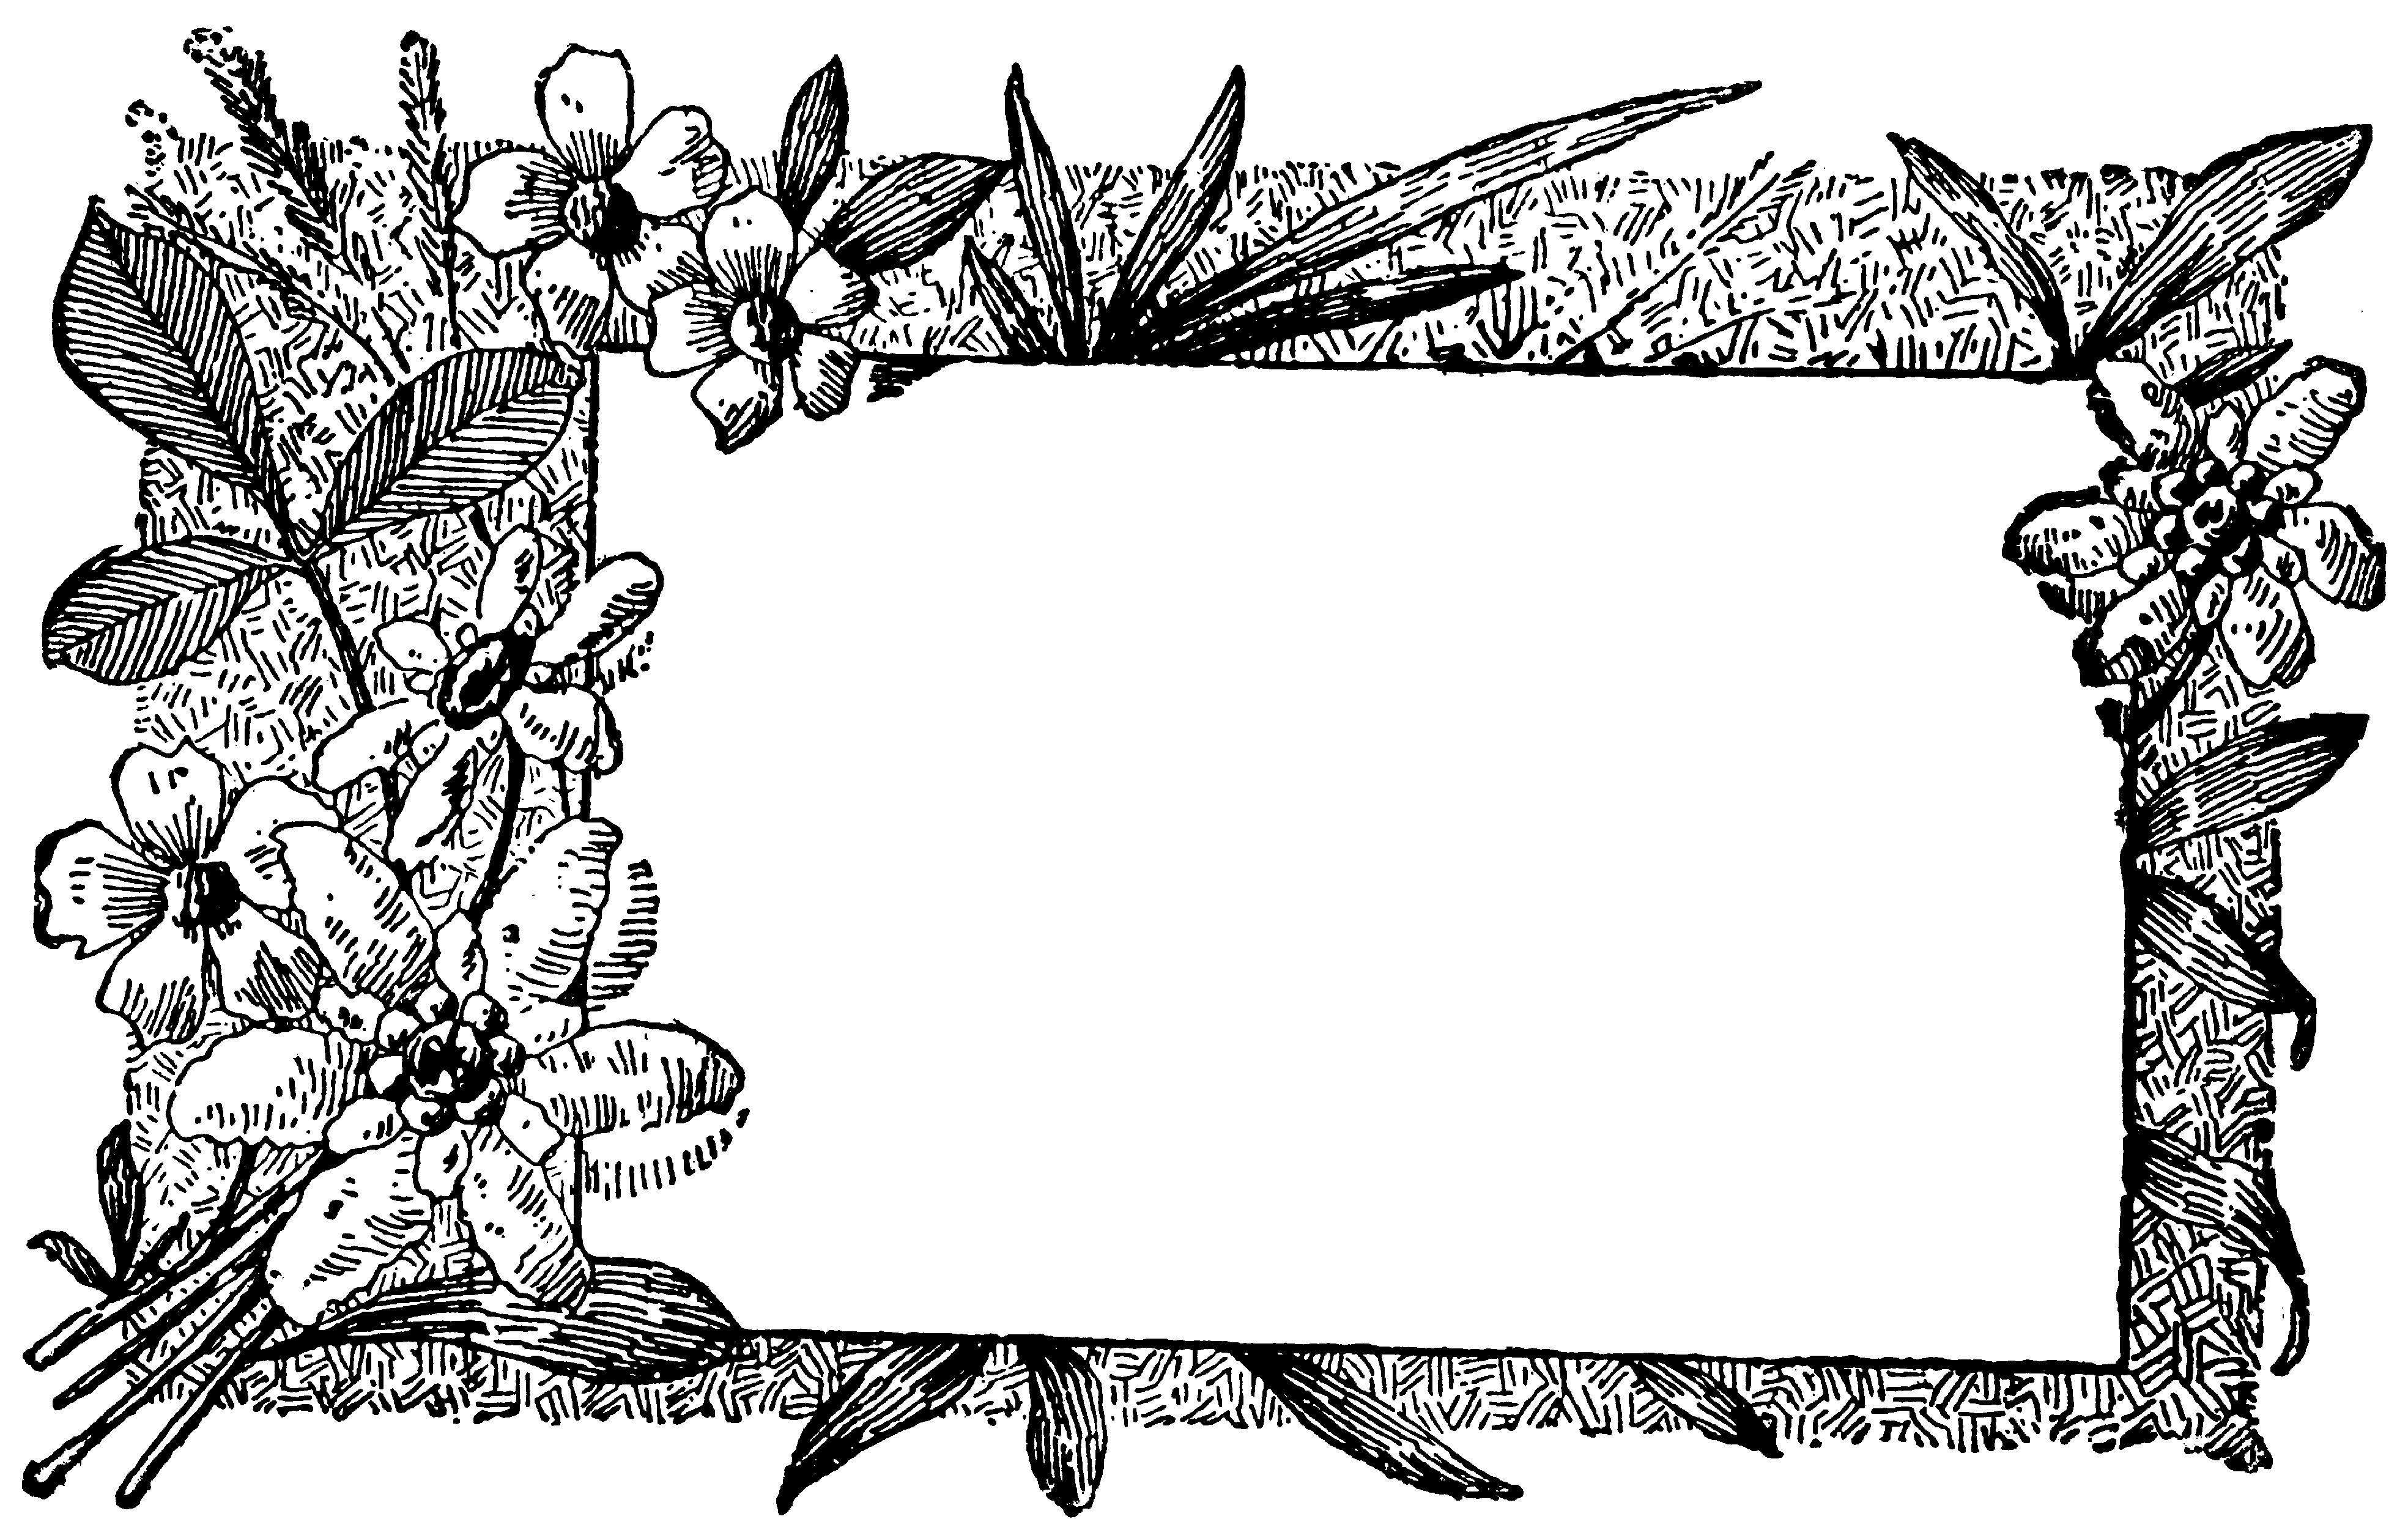 Открытки днем, графическая рамка для открыток